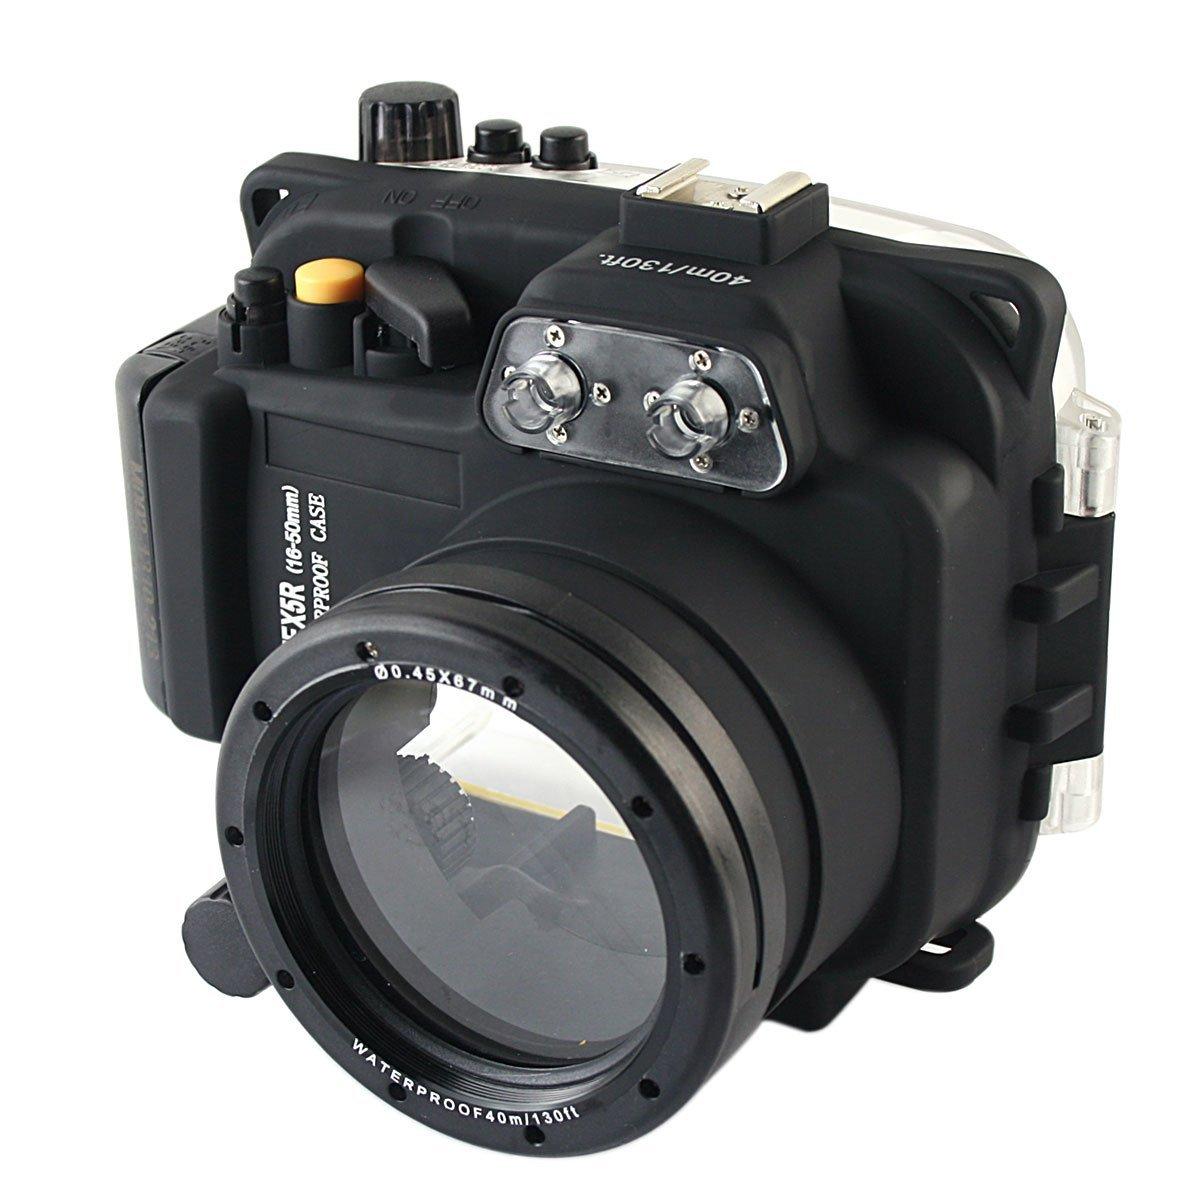 40M impermeable Cámara bajo el agua funda carcasa bolsa para Sony NEX-5R NEX-5L NEX-5T 16-50mm de la Lente de la cámara